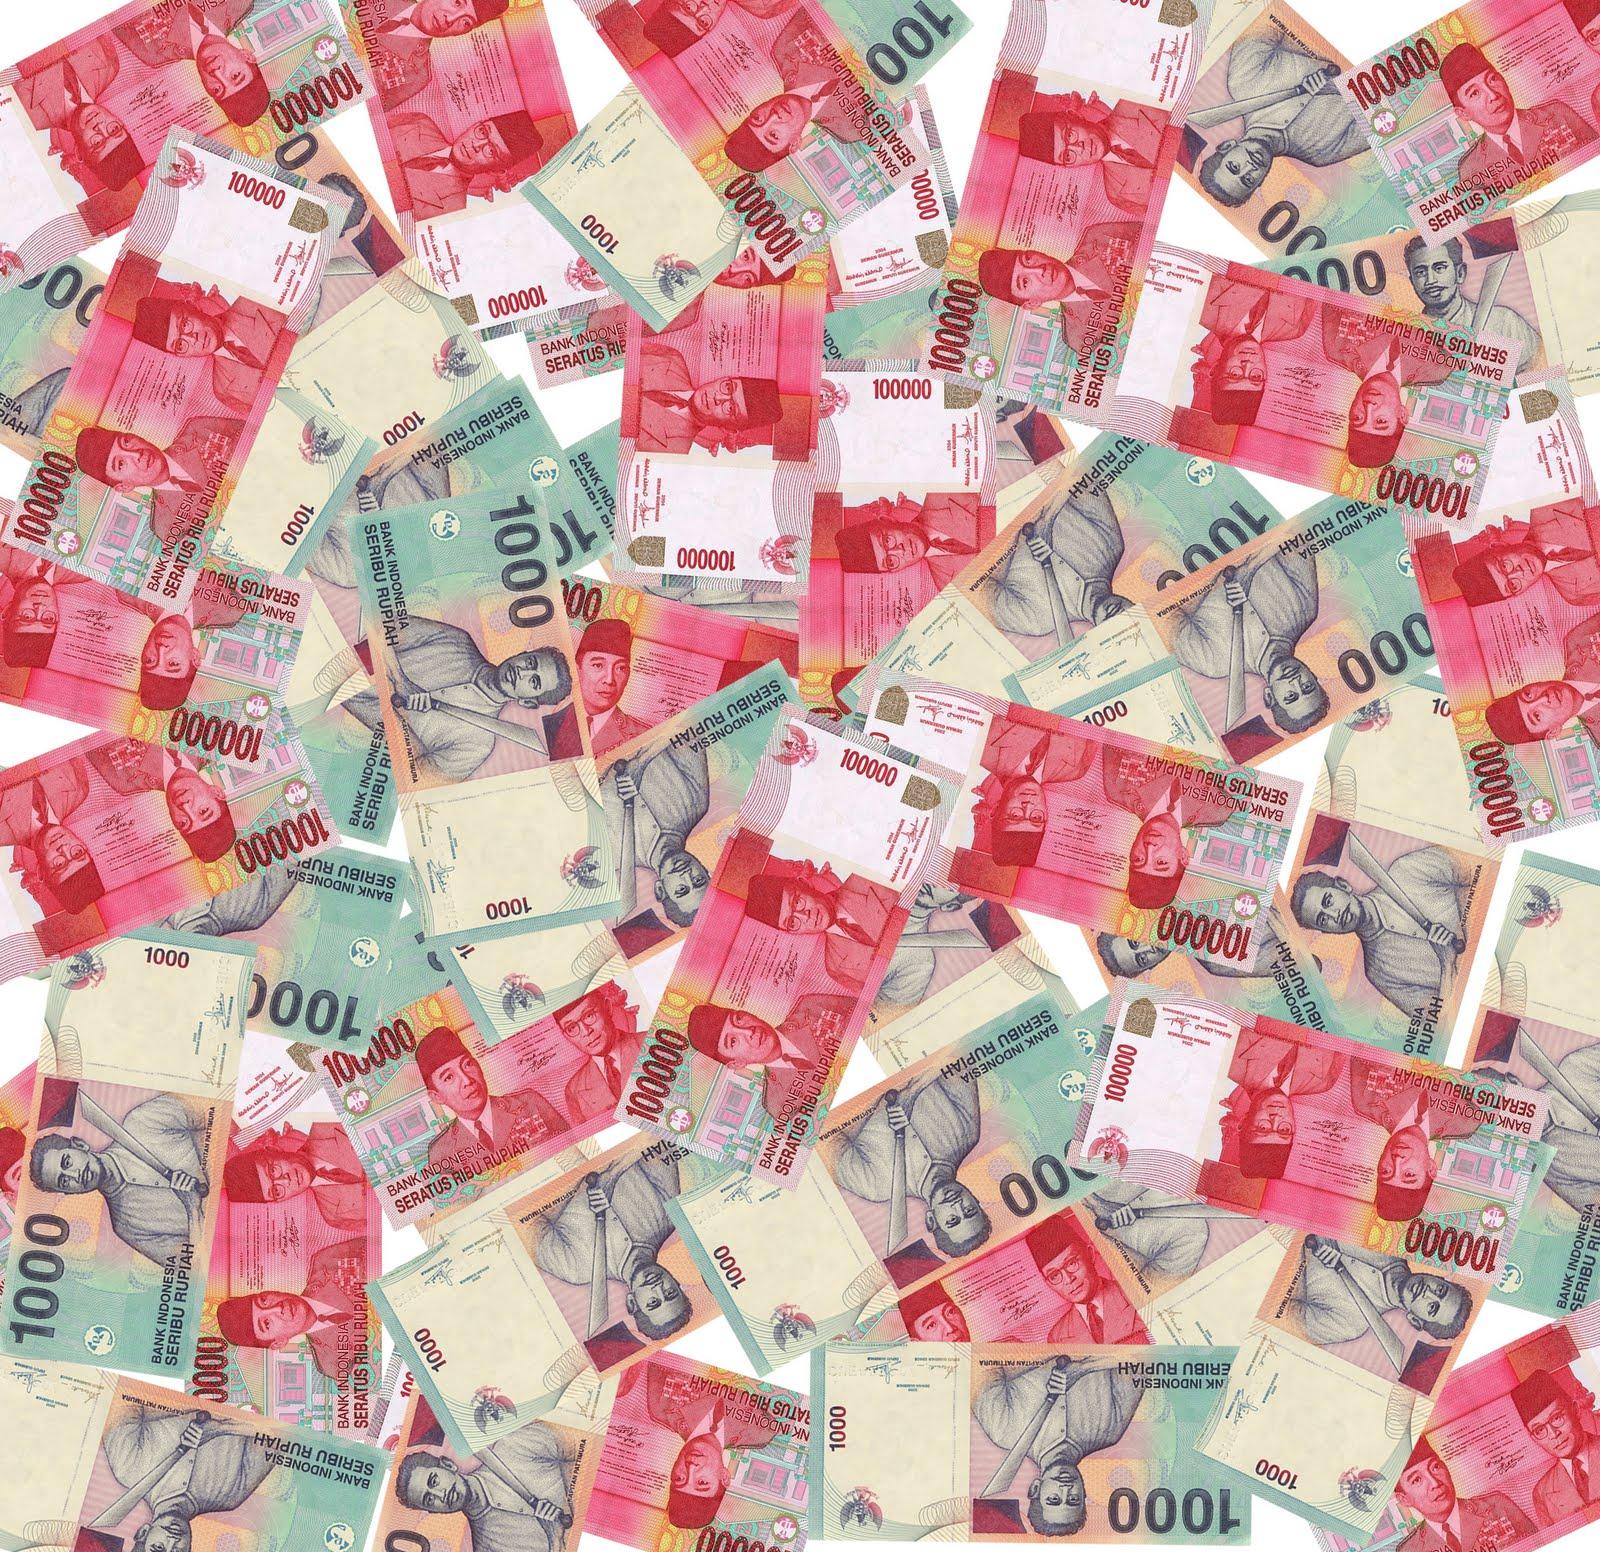 Kali ini aku akan memberi judul uang seribu lebih suci daripada uang